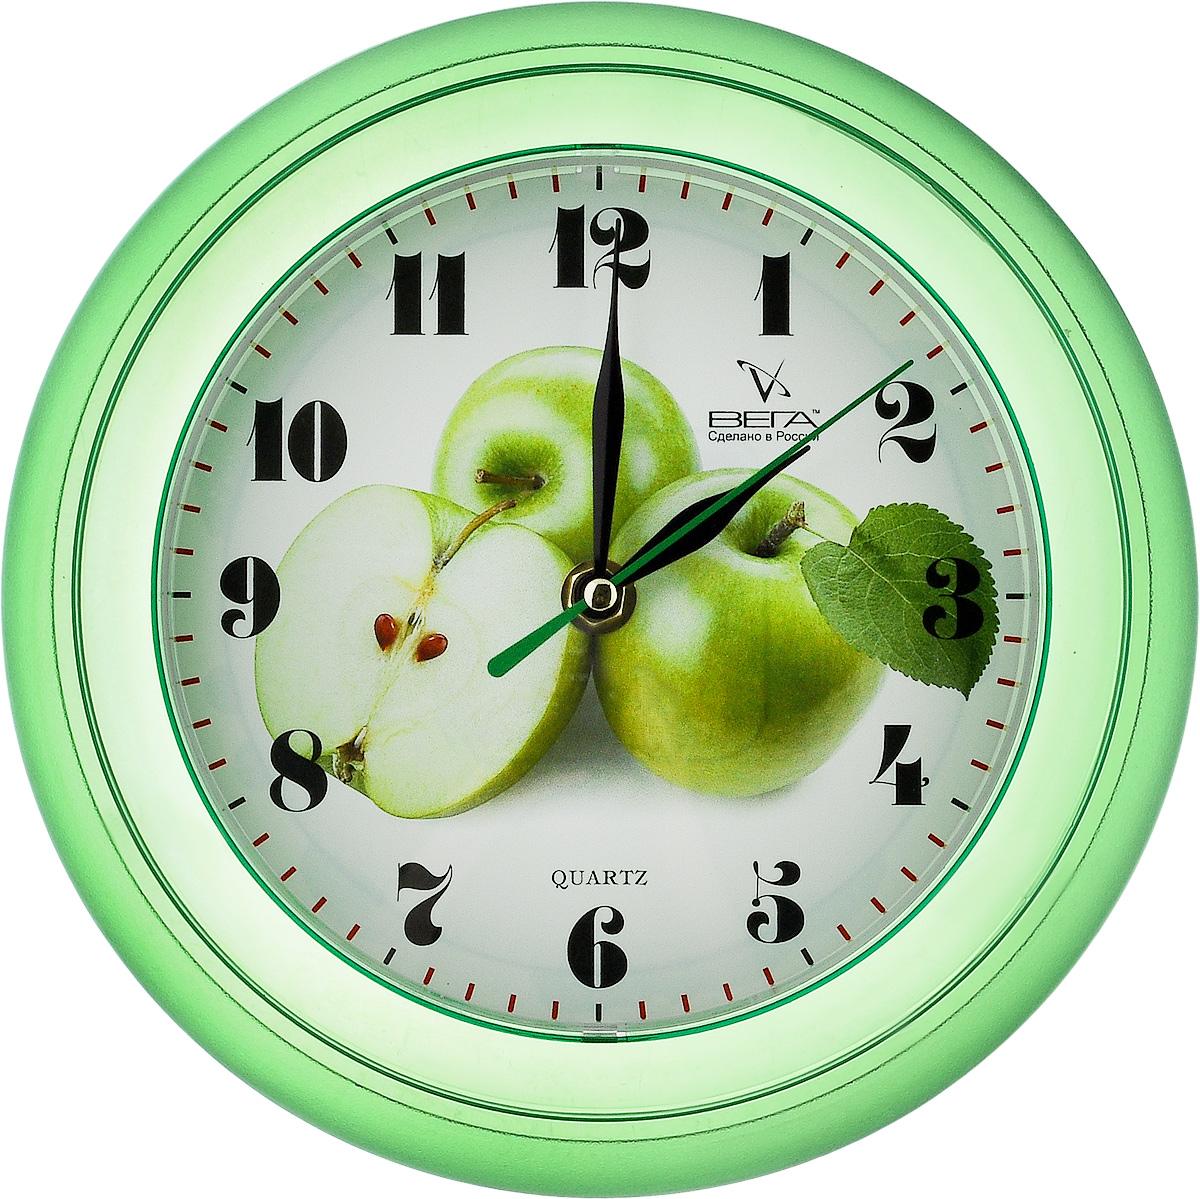 Часы настенные Вега Яблоки, диаметр 22,5 смП6-3-6Настенные кварцевые часы Вега Яблоки, изготовленные из пластика, прекрасно впишутся в интерьер вашего дома. Круглые часы имеют три стрелки: часовую, минутную и секундную, циферблат защищен прозрачным стеклом. Часы работают от 1 батарейки типа АА напряжением 1,5 В (не входит в комплект). Диаметр часов: 22,5 см.